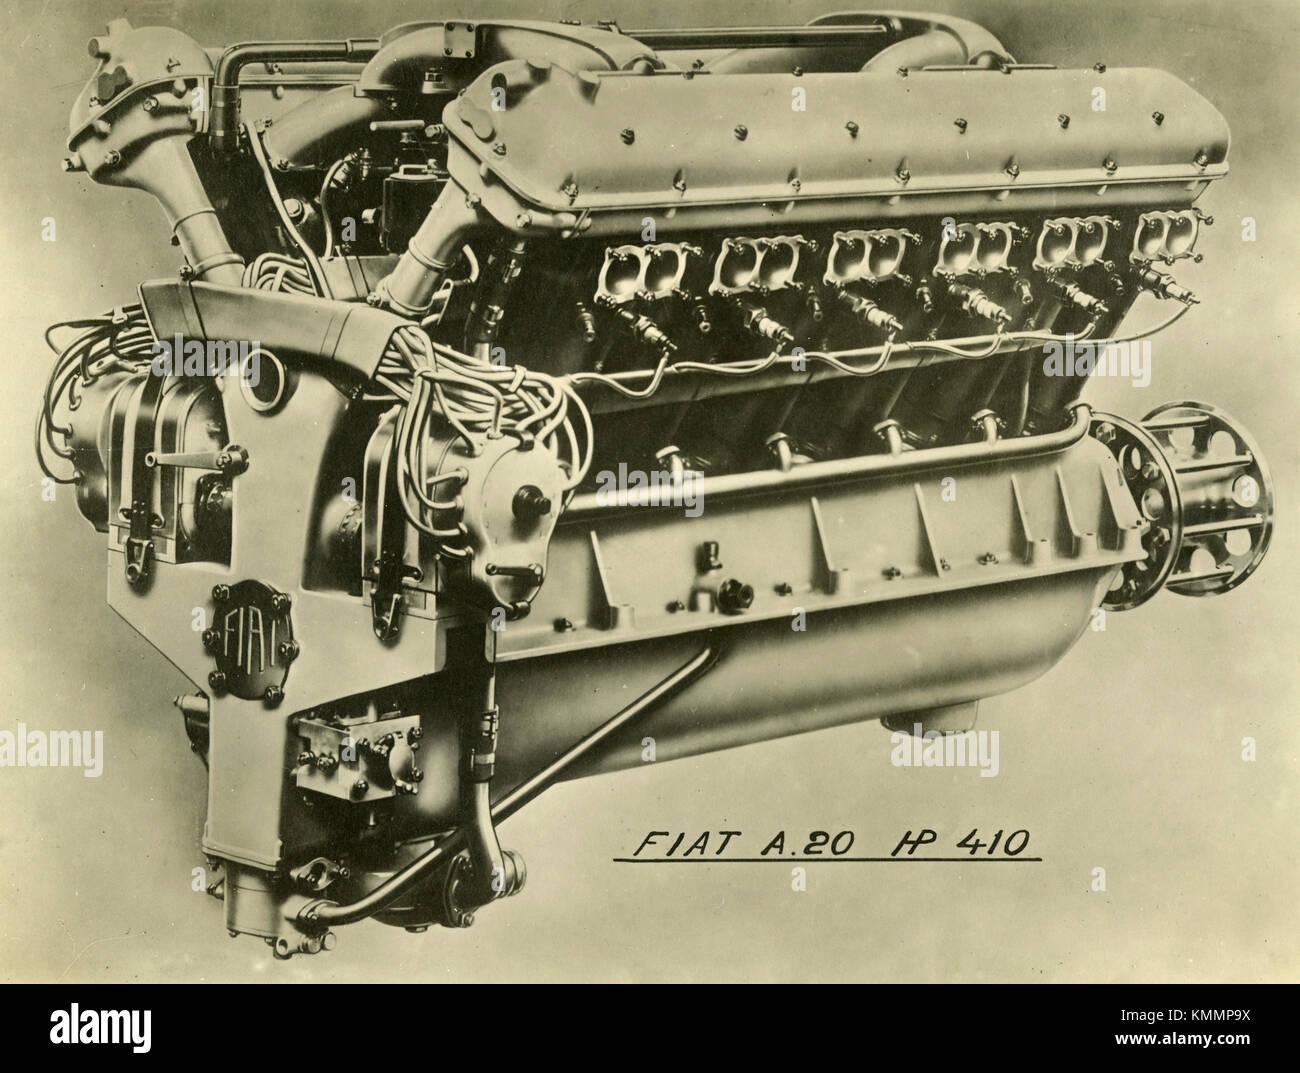 FIAT aviation engine A.20 HP 410, Italy 1920s Stock Photo